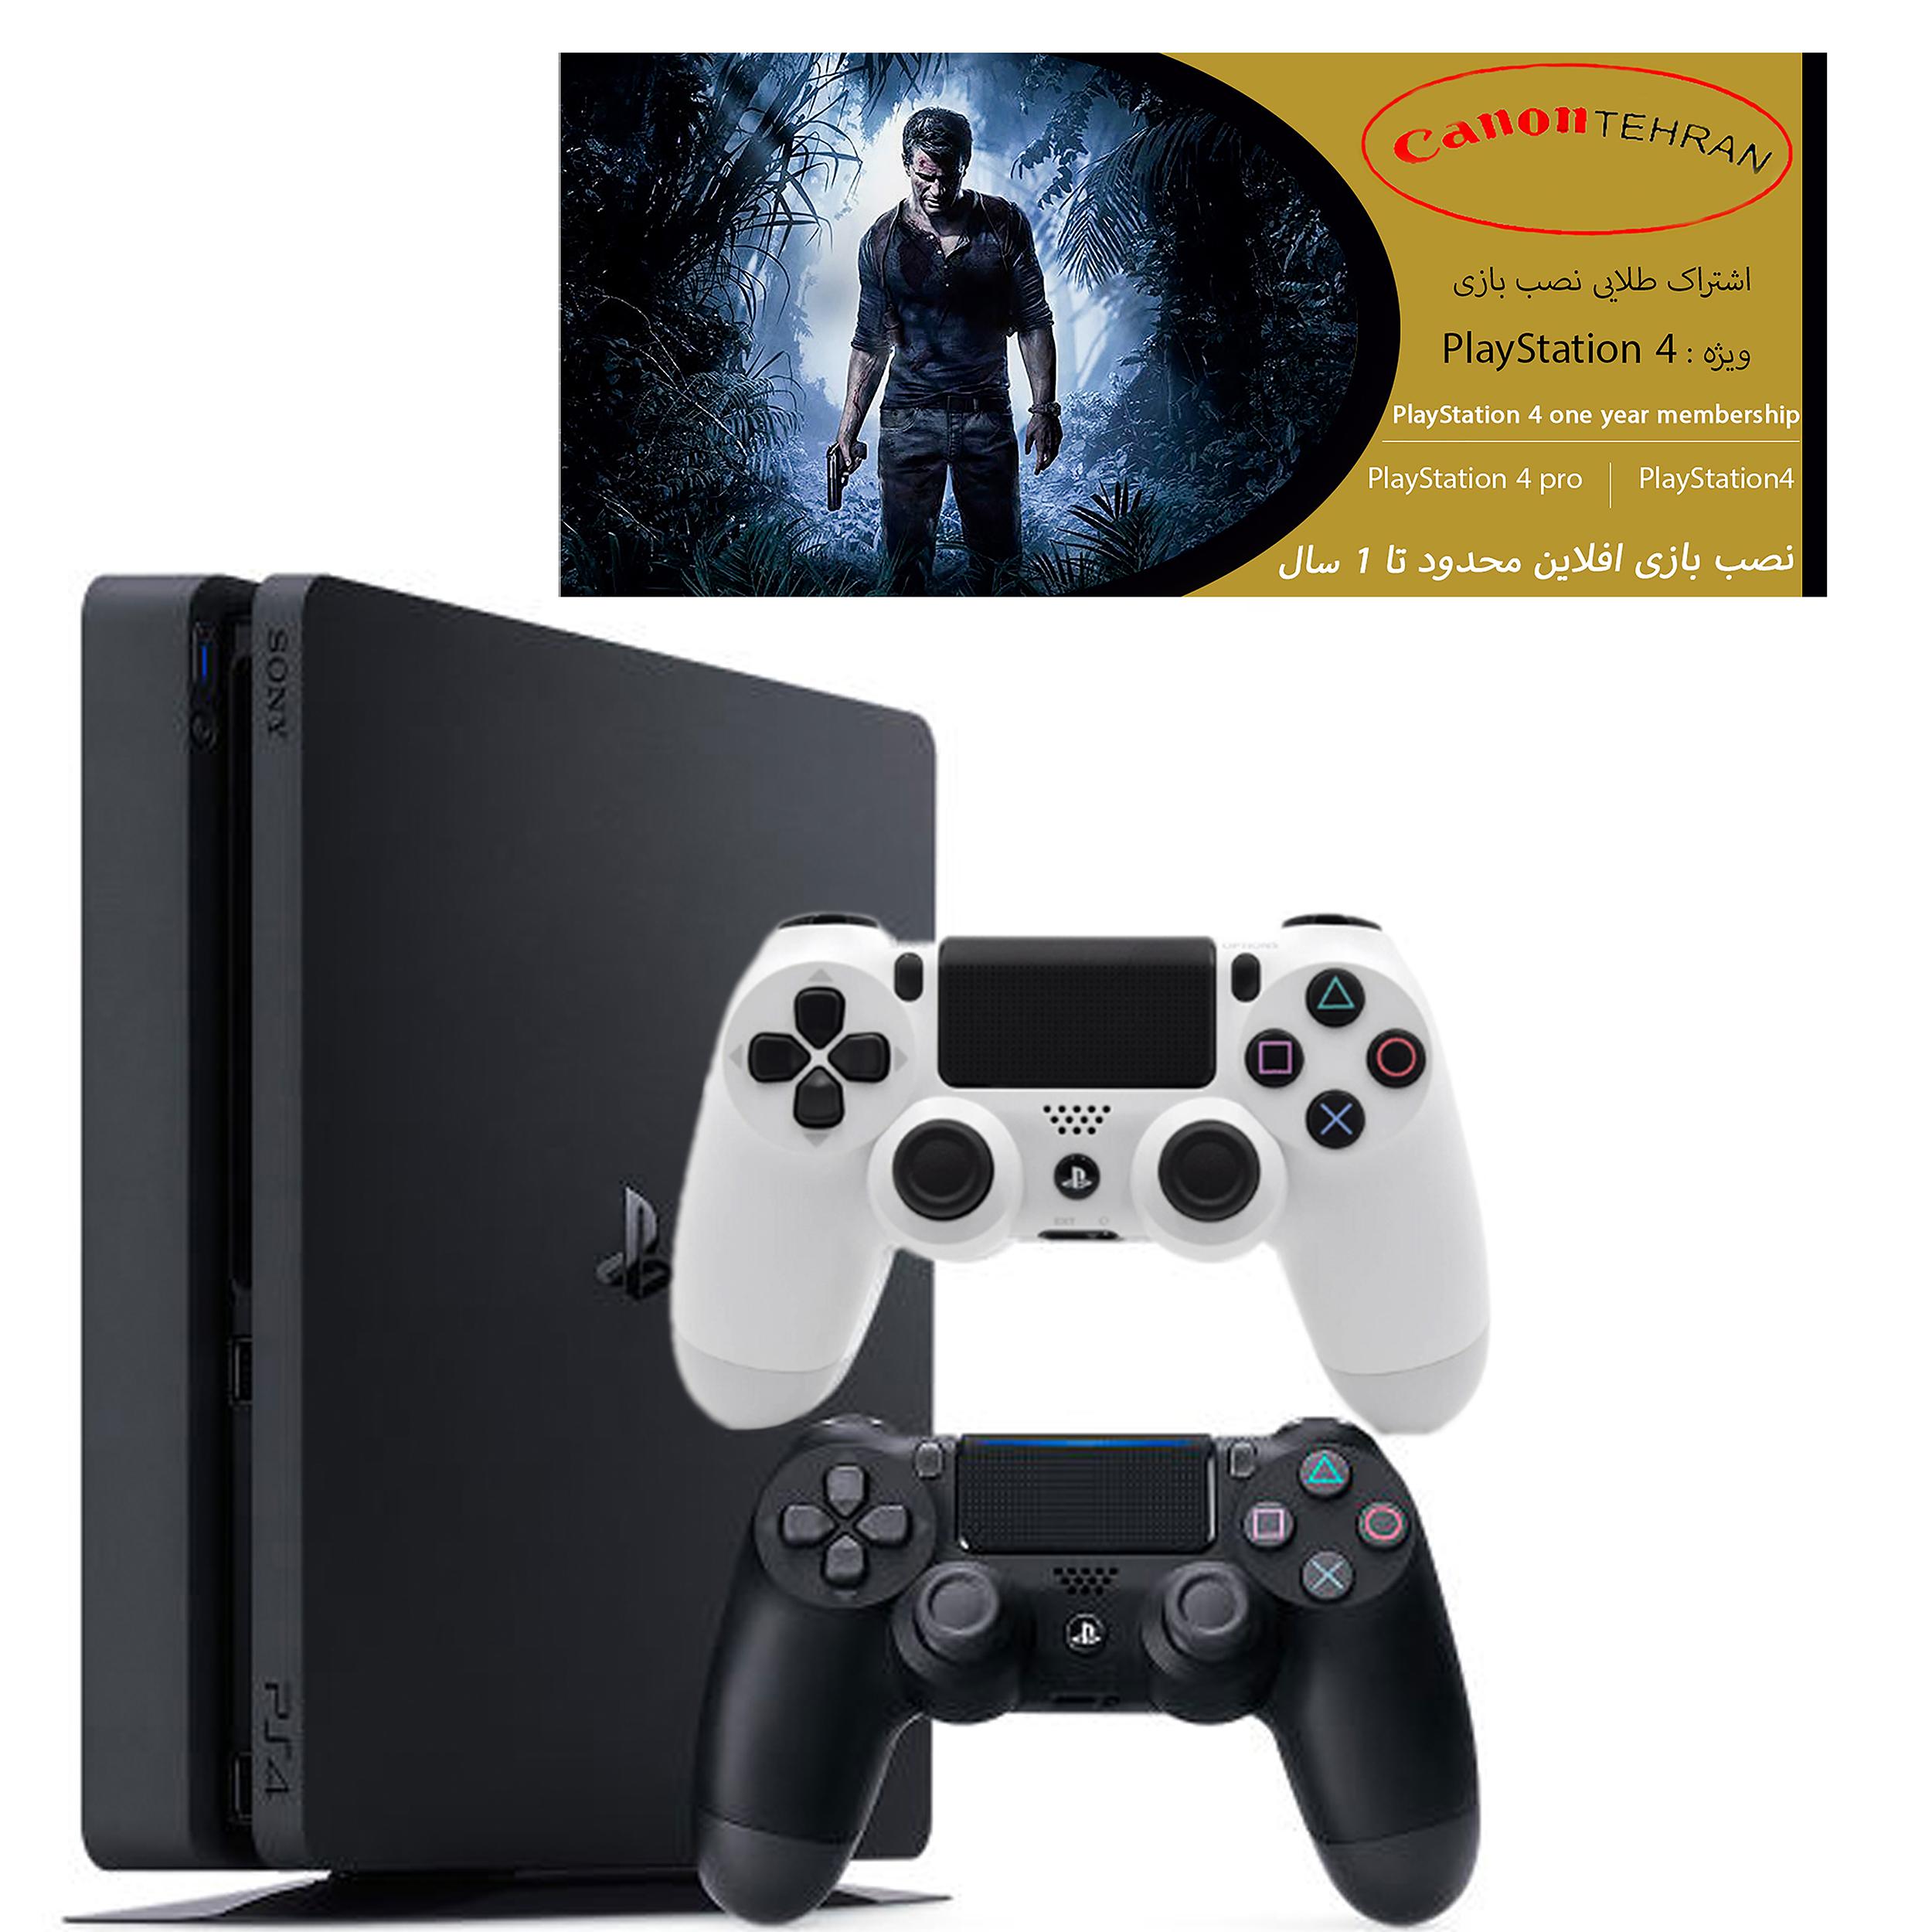 کنسول بازی سونی مدل Playstation 4 Slim ریجن 1 کد CUH-2215B ظرفیت 1 ترابایت به همراه 20 بازی و دسته اضافه